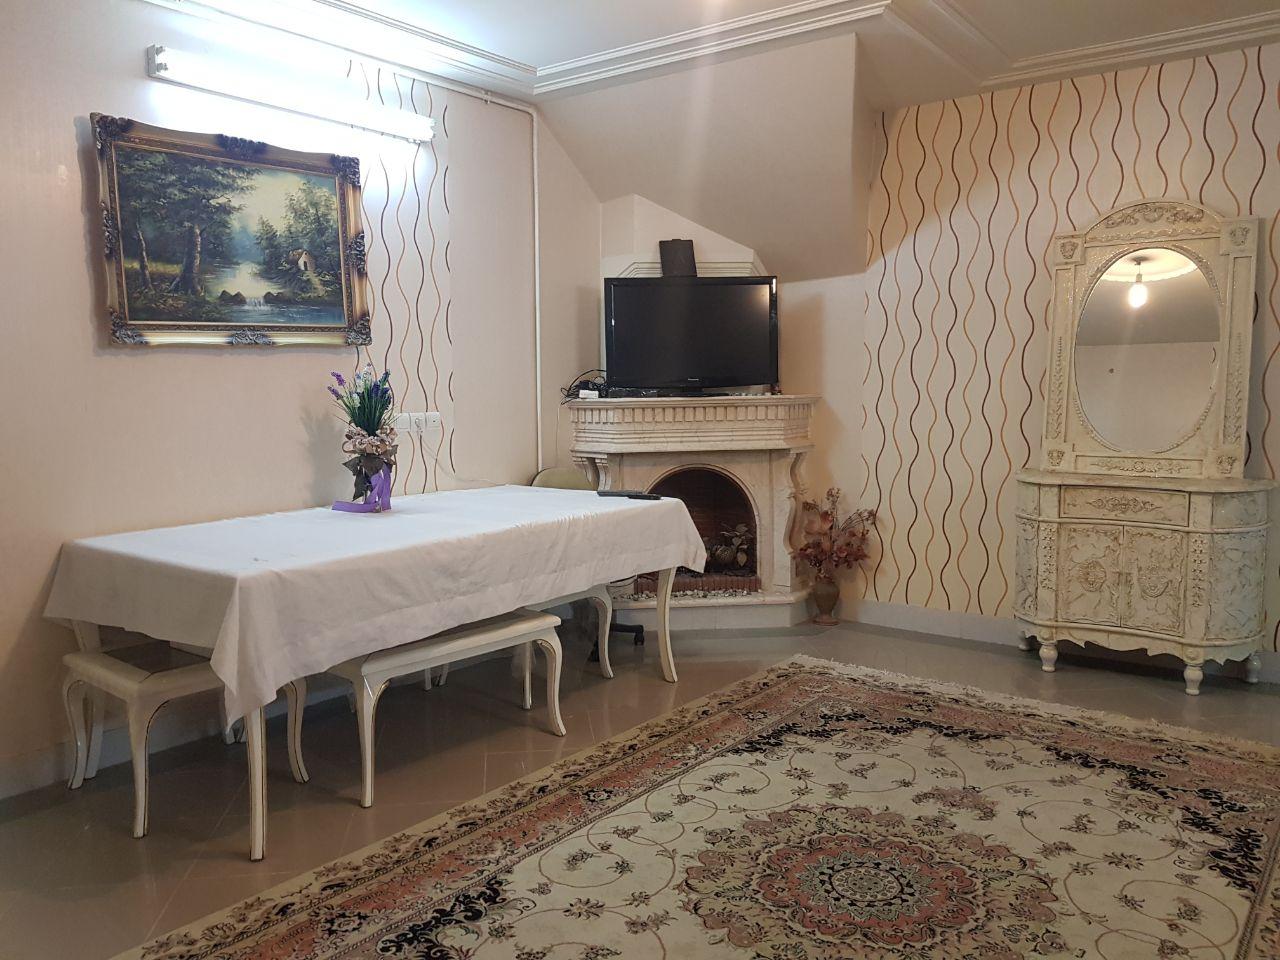 اجاره منزل یک خوابه روزانه در کاشان-کد ۱۴۹